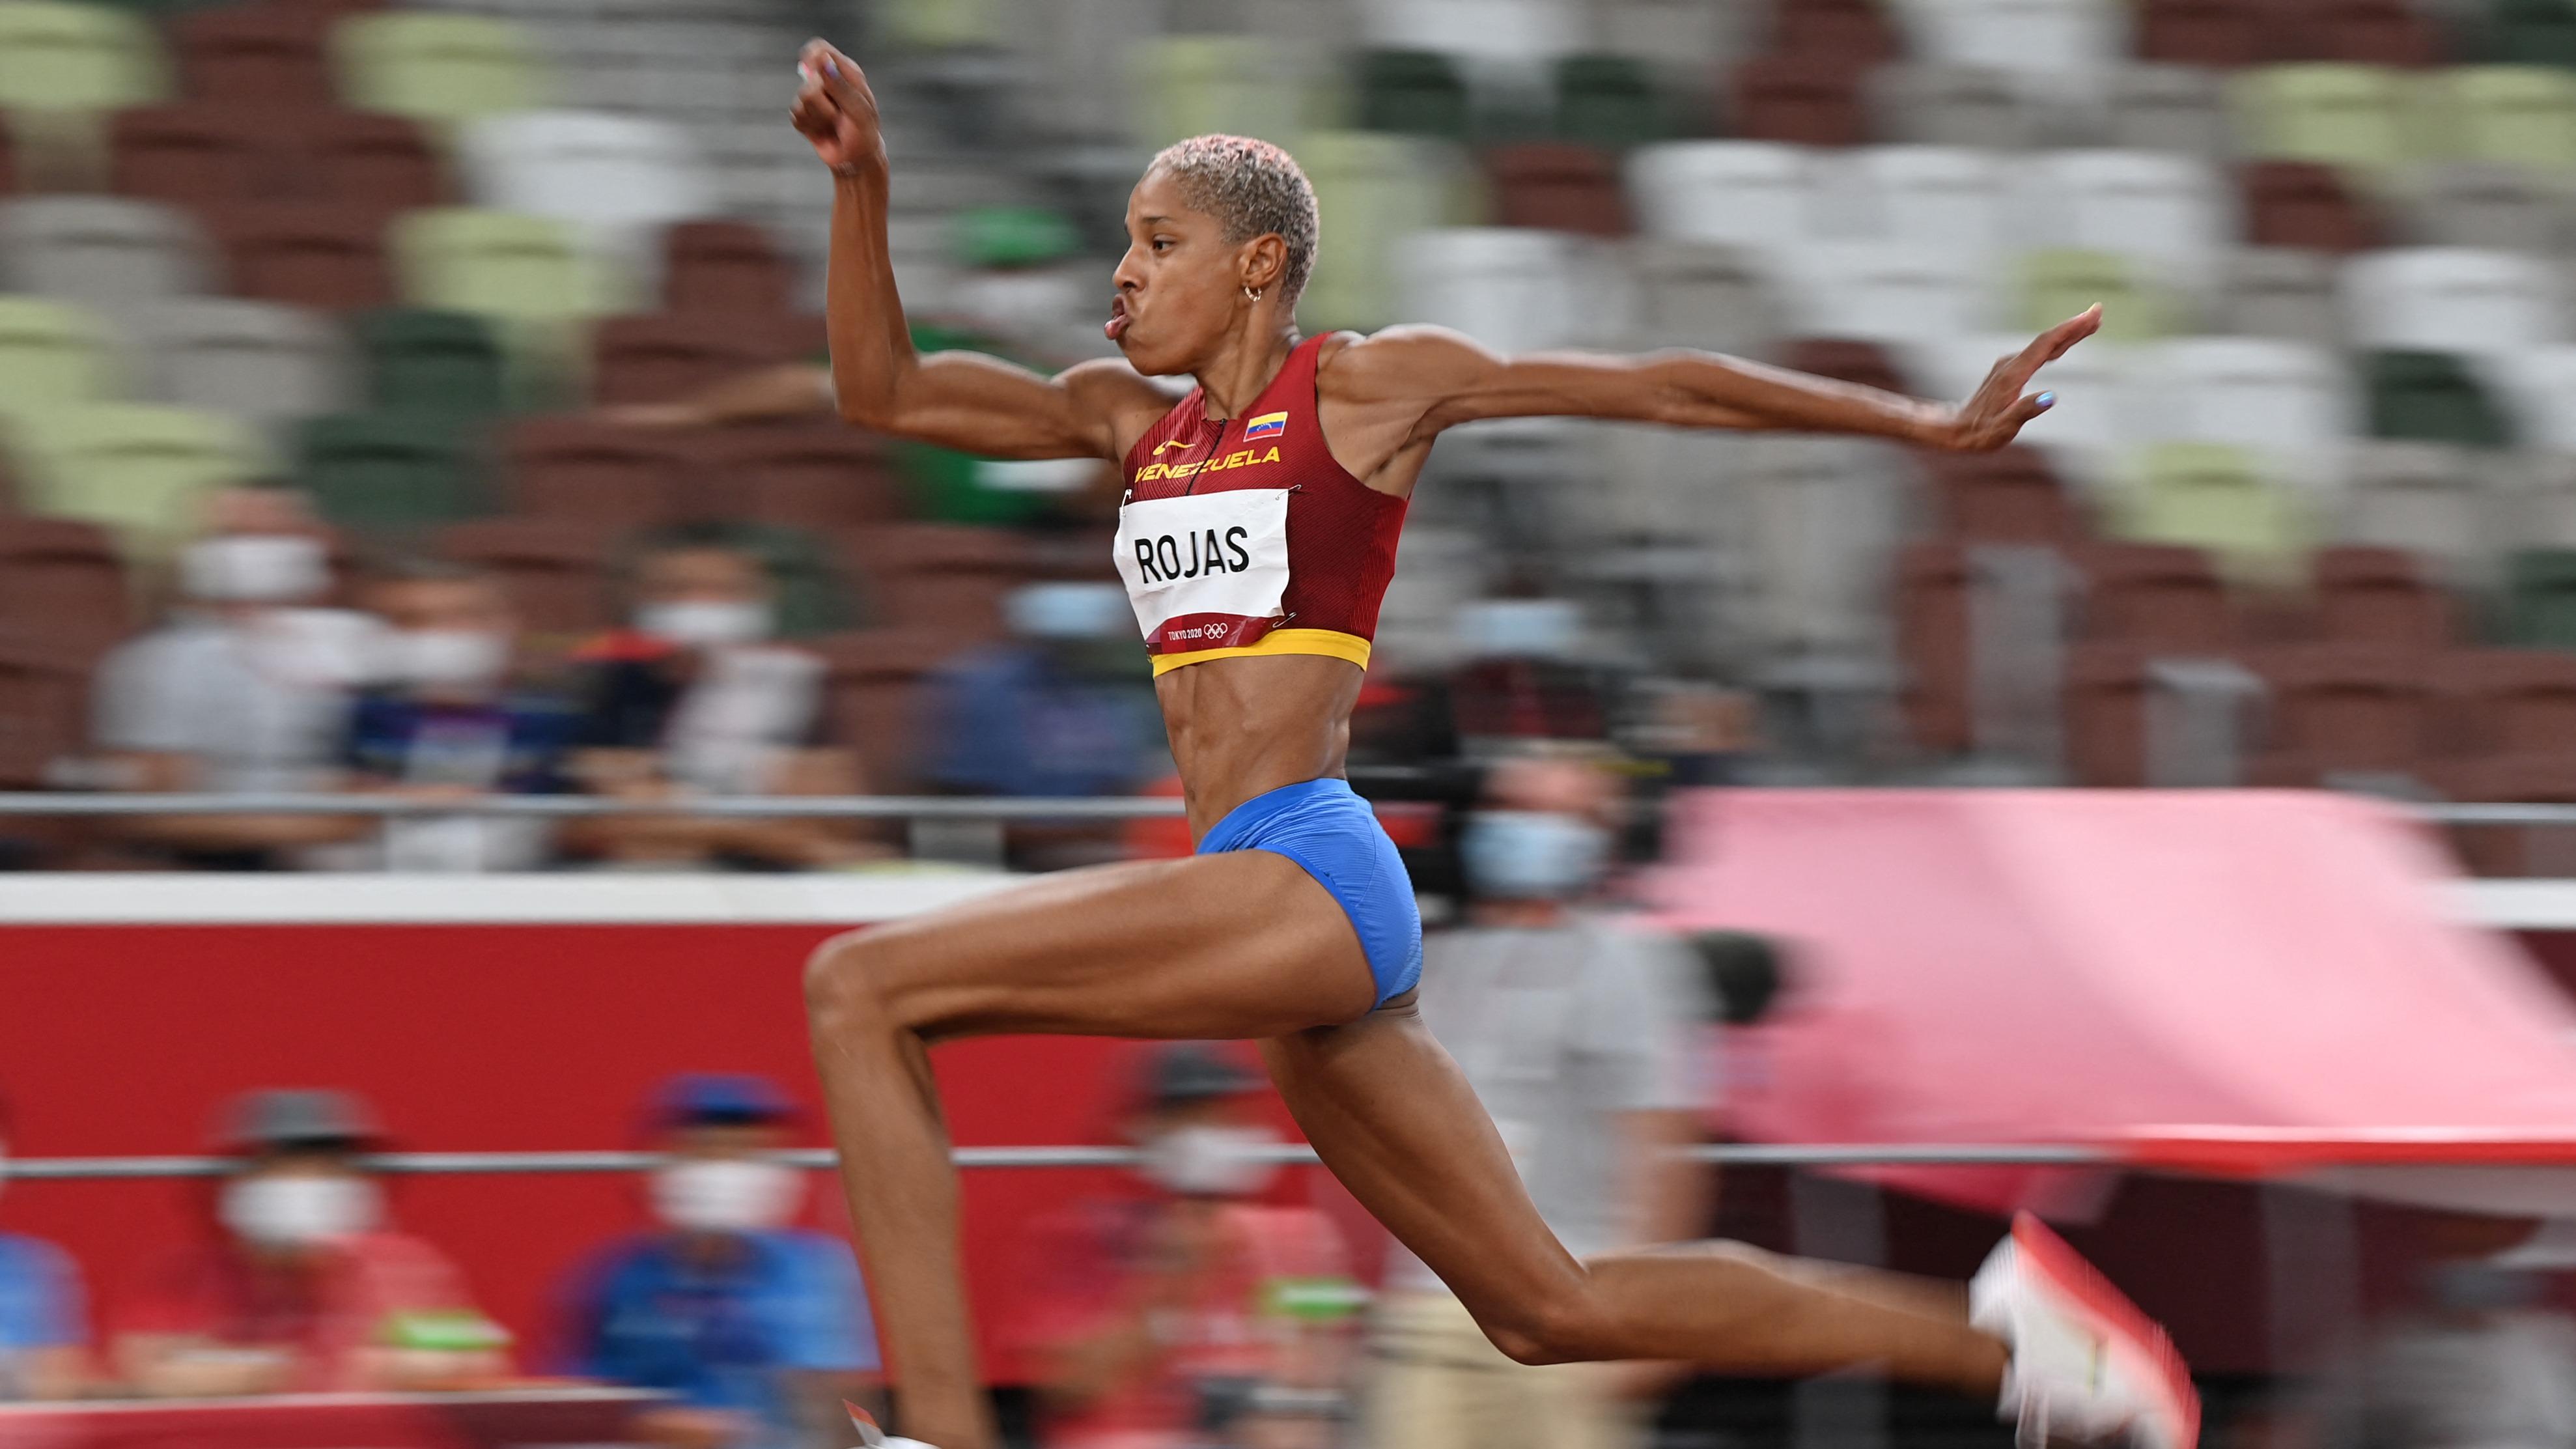 Así fue el salto de Yulimar Rojas para lograr el oro en Tokio 2020.